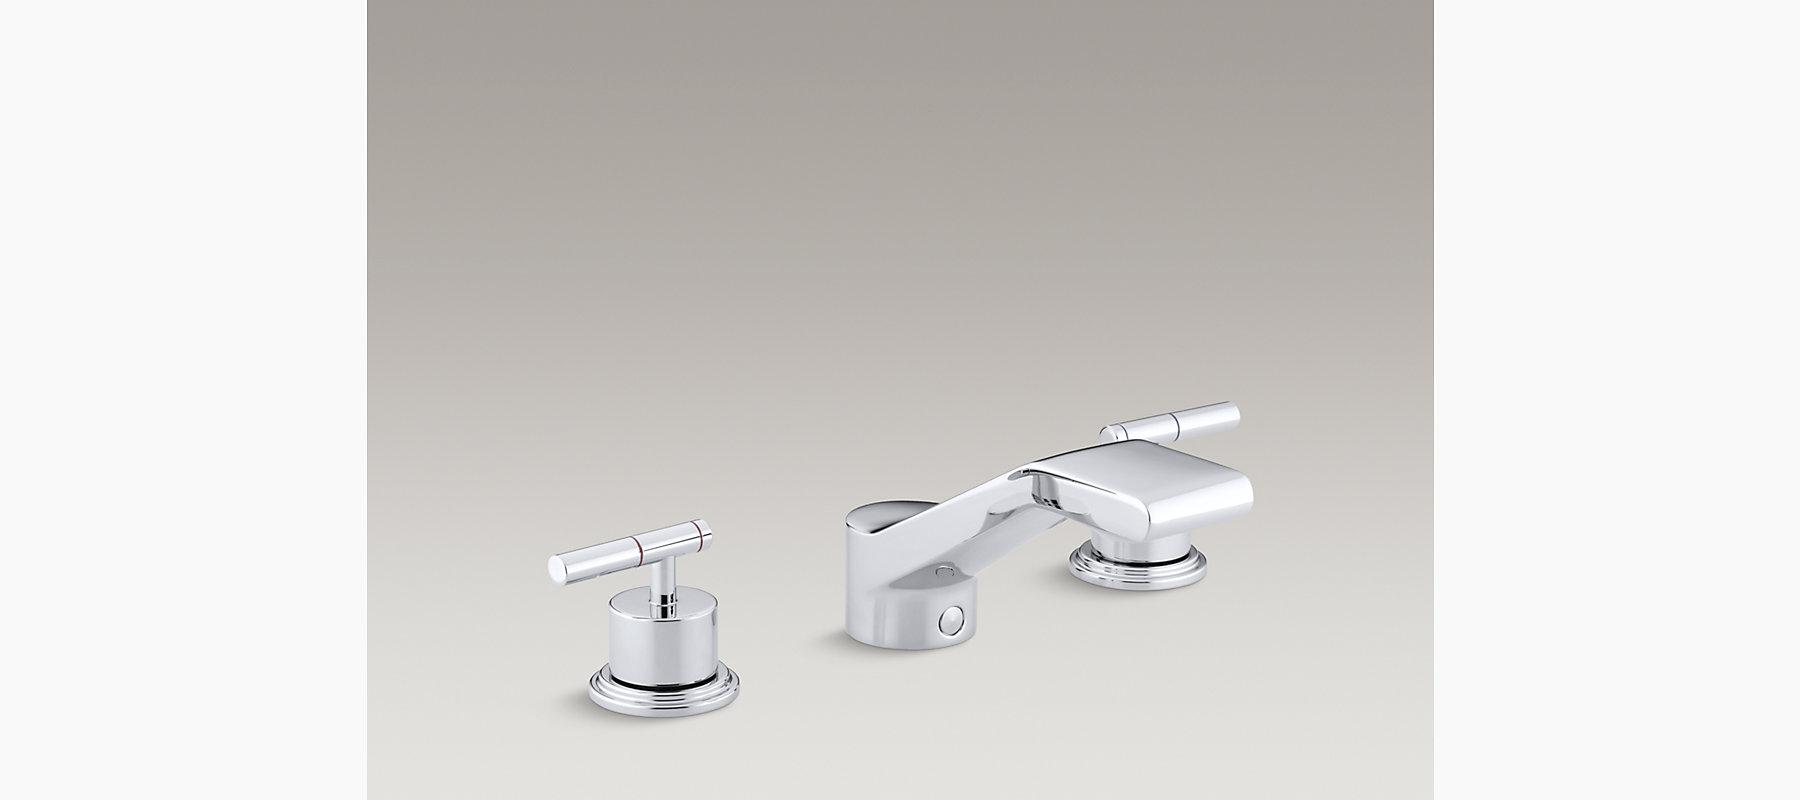 Taboret Deck-Mount High-Flow Bath Faucet Trim | K-T8238-4 | KOHLER